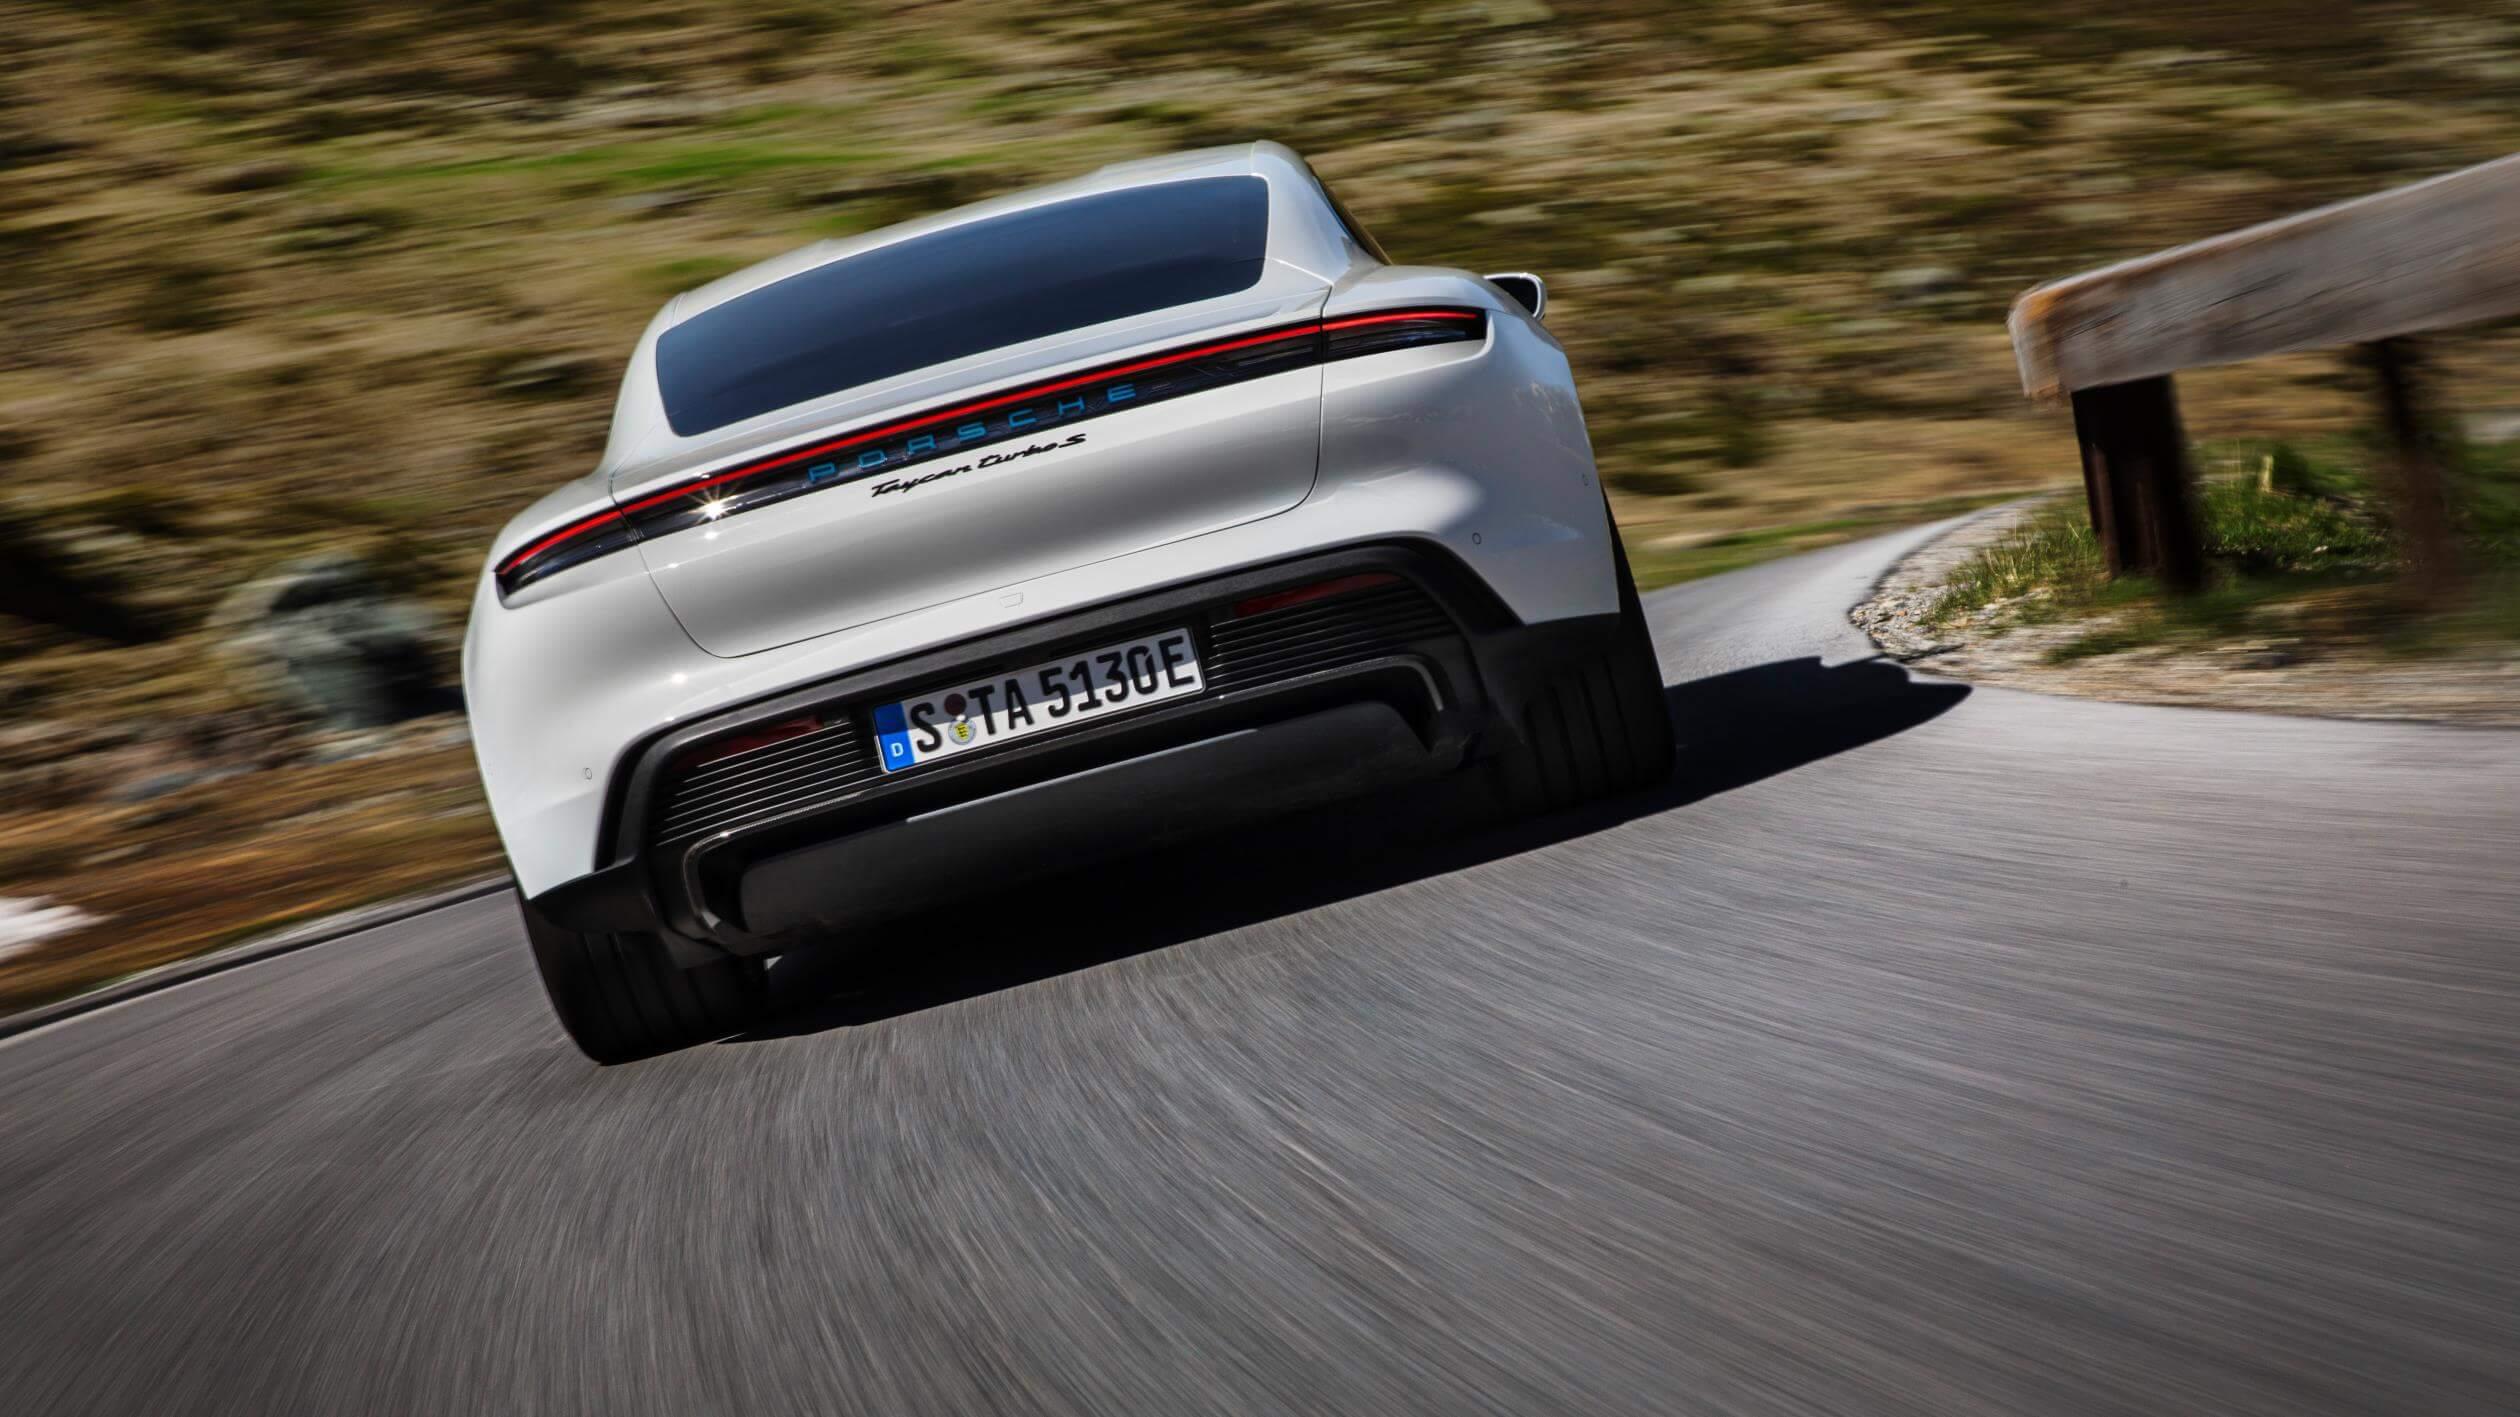 Trasera del Porsche Taycan Turbo S